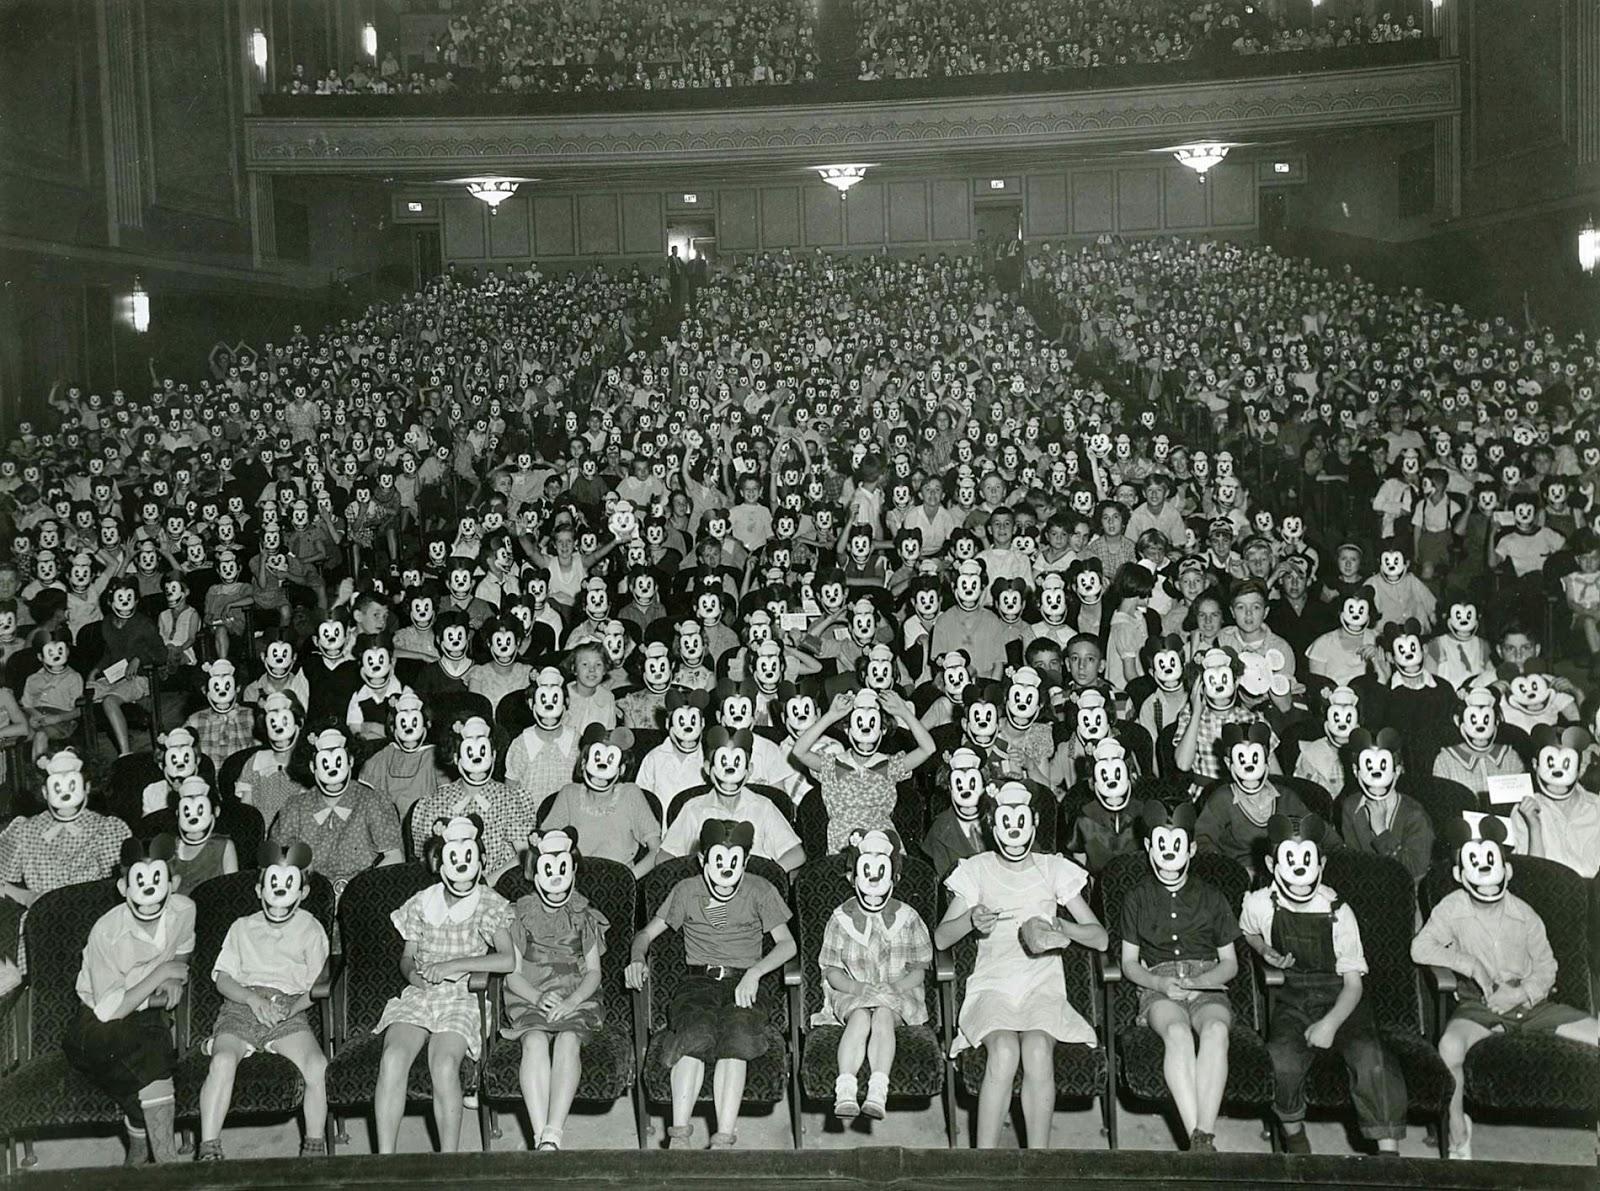 1930-as évek. A Miki egér klub korai találkozója..jpg